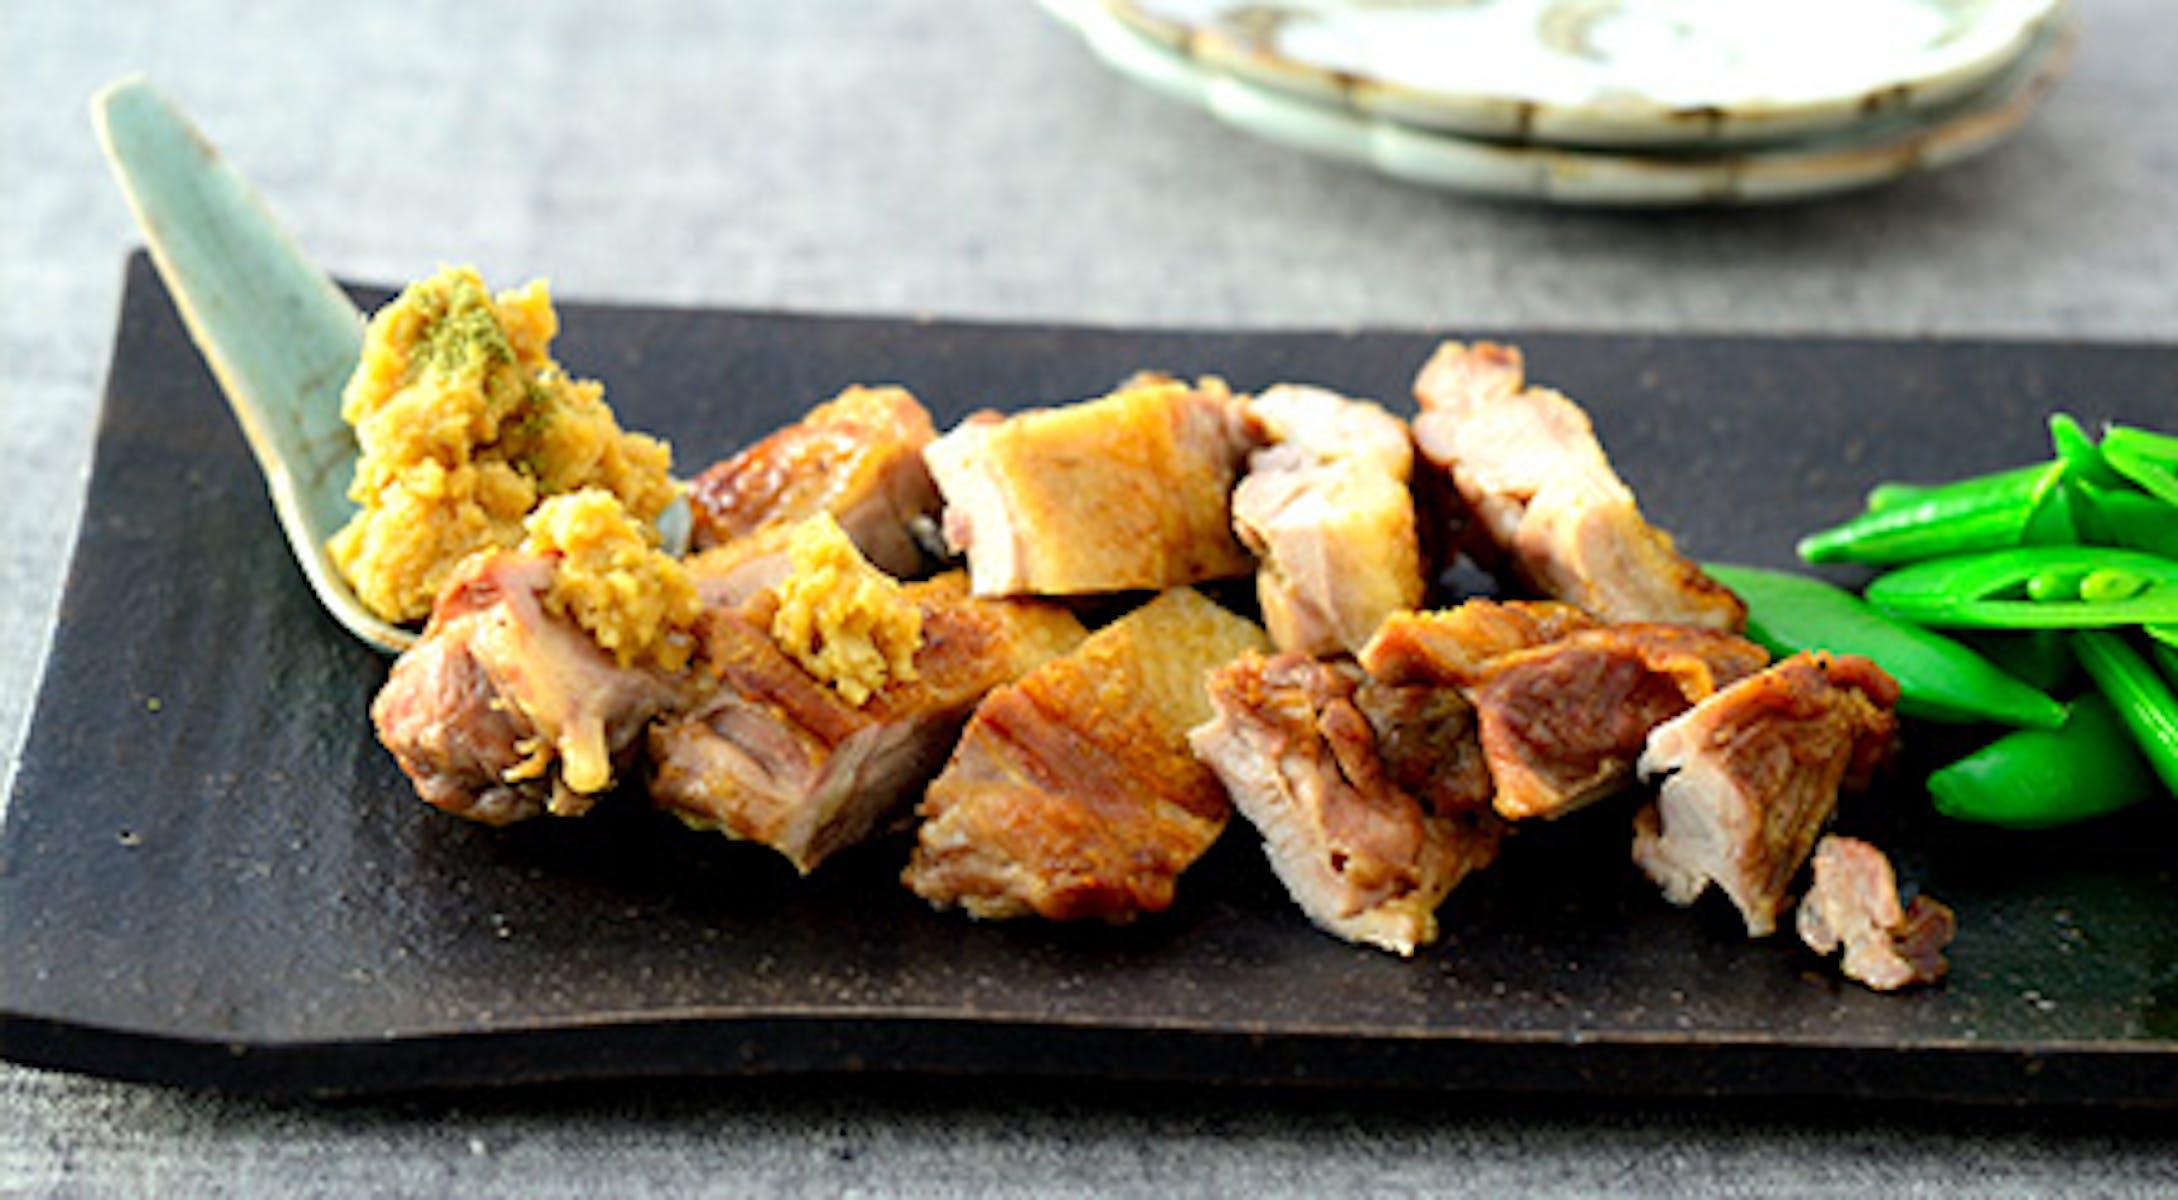 鶏肉のロースト にんにく山椒みそ添え